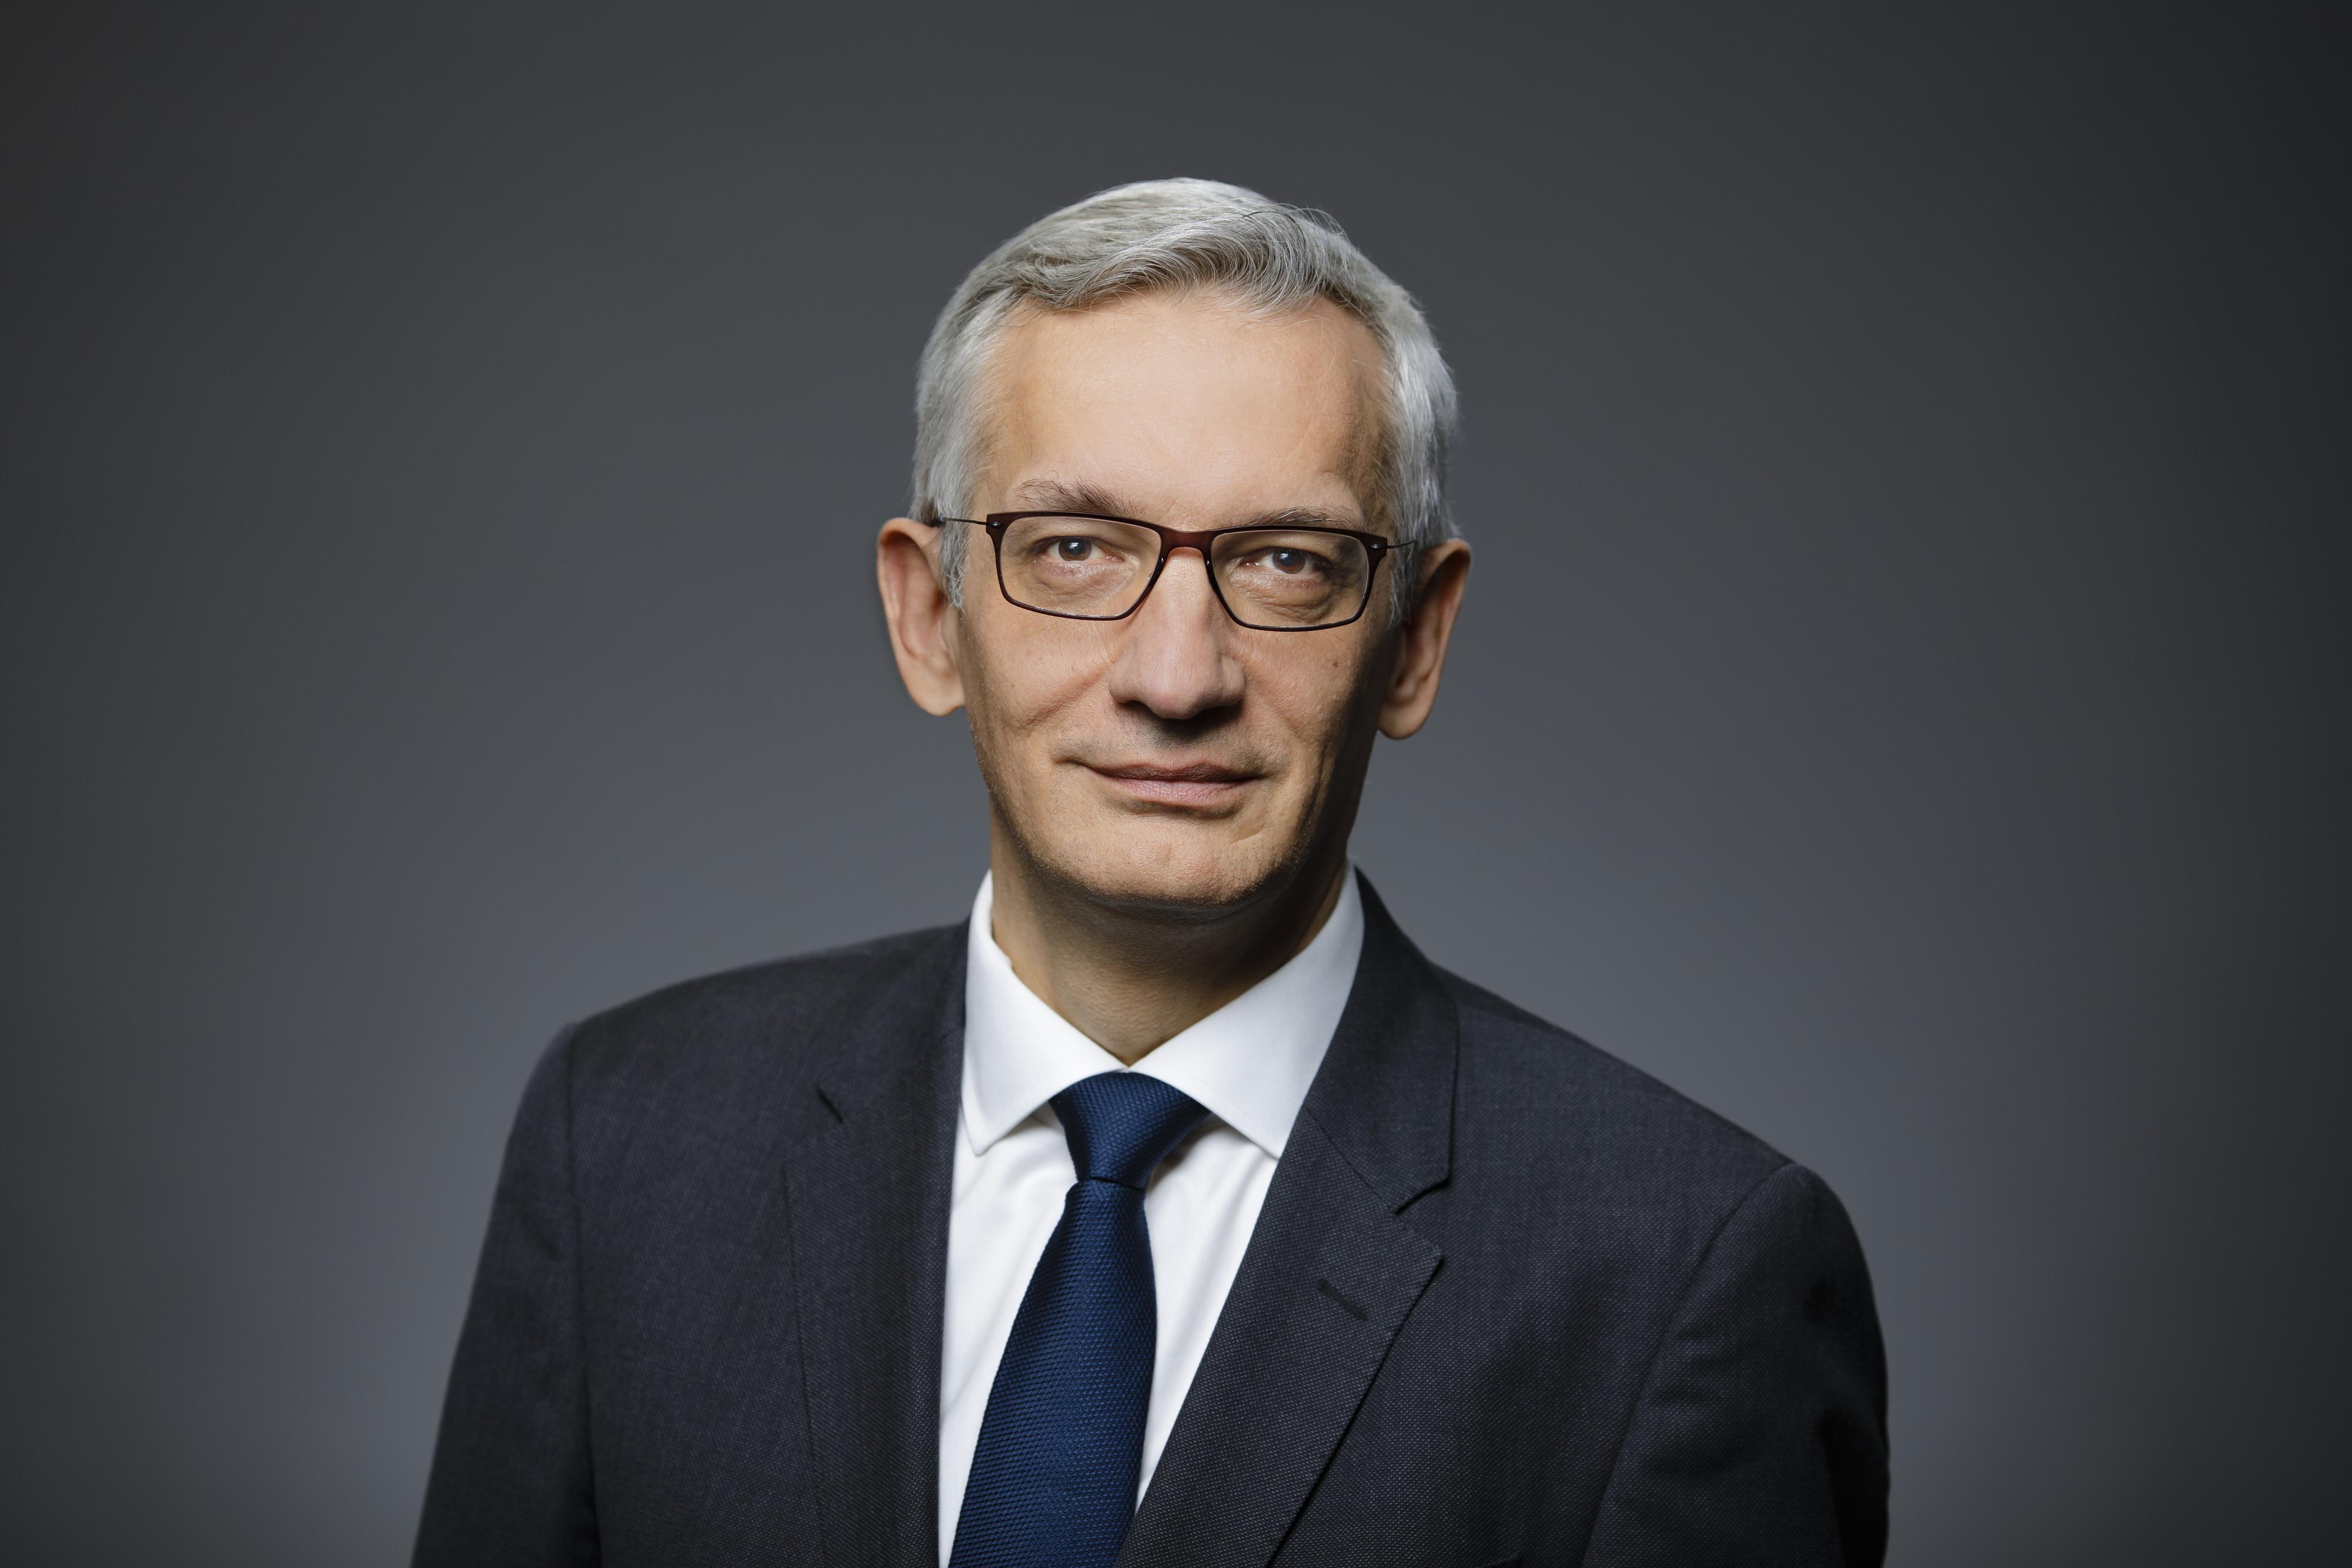 Martin Jäger, Staatssekretär im Bundesministerium für wirtschaftliche Zusammenarbeit und Entwicklung